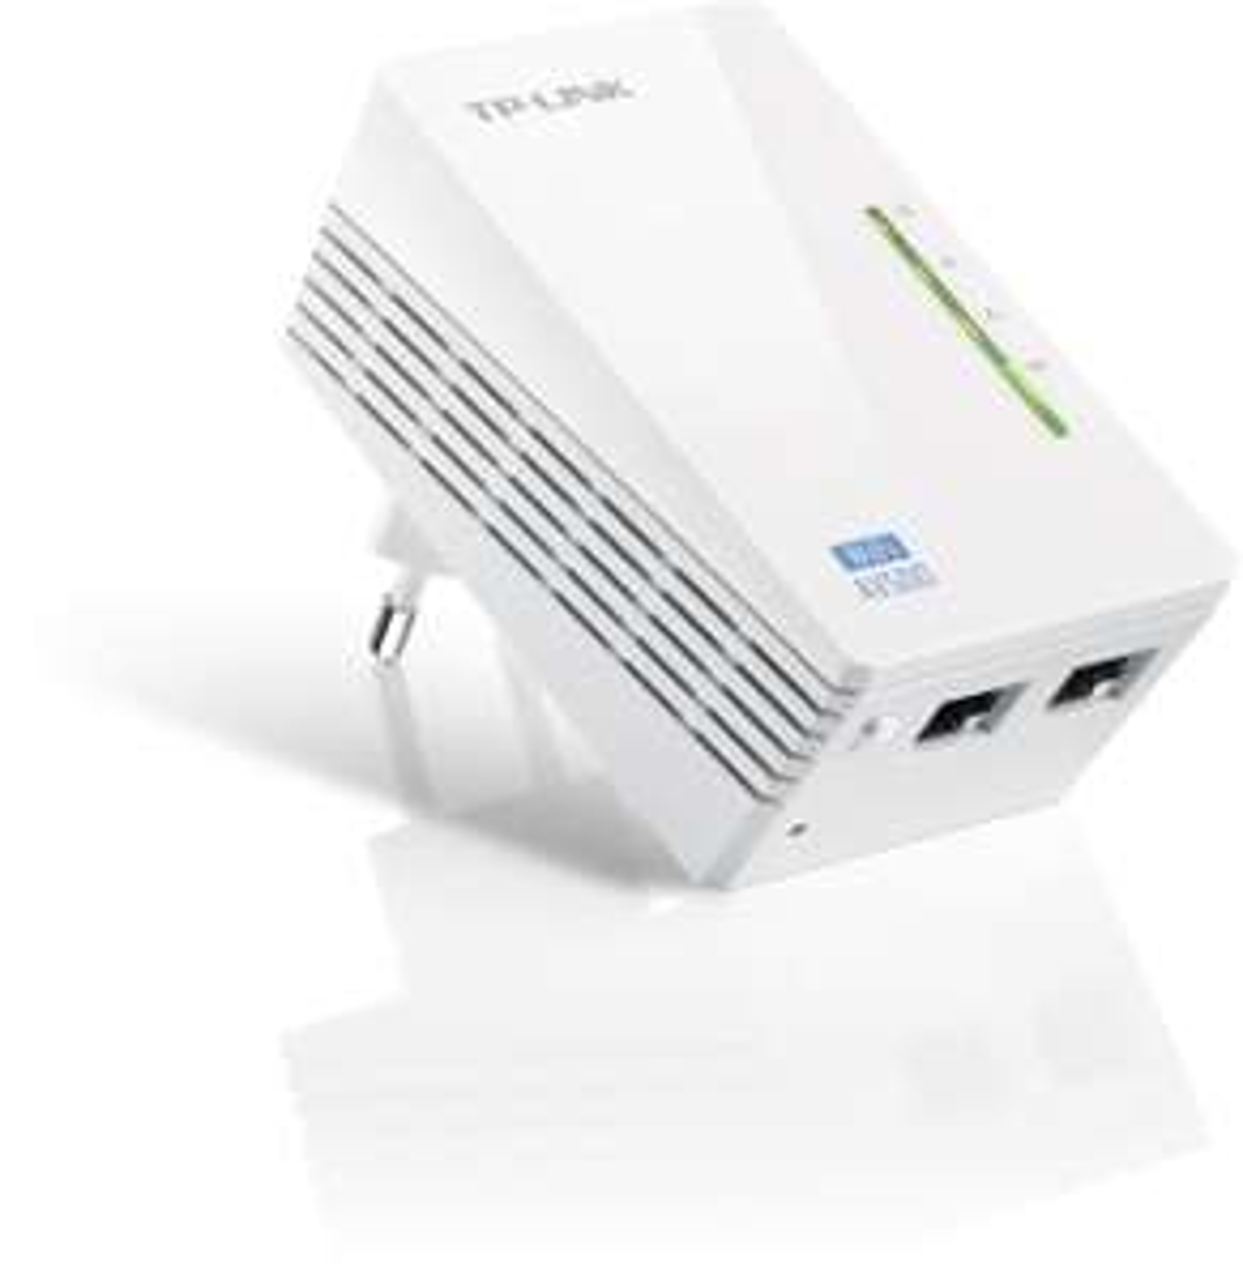 Jetzt Blitzangebot! 28% Off!  TP-Link TL-WPA4220 AV500 Wifi Powerline Netzwerkadapter (500 Mbit/s, Ergänzung, 2x LAN Port, Powerline WLAN, WLAN Repeater, Verstärker, WiFi Move, Kompaktgehäuse)